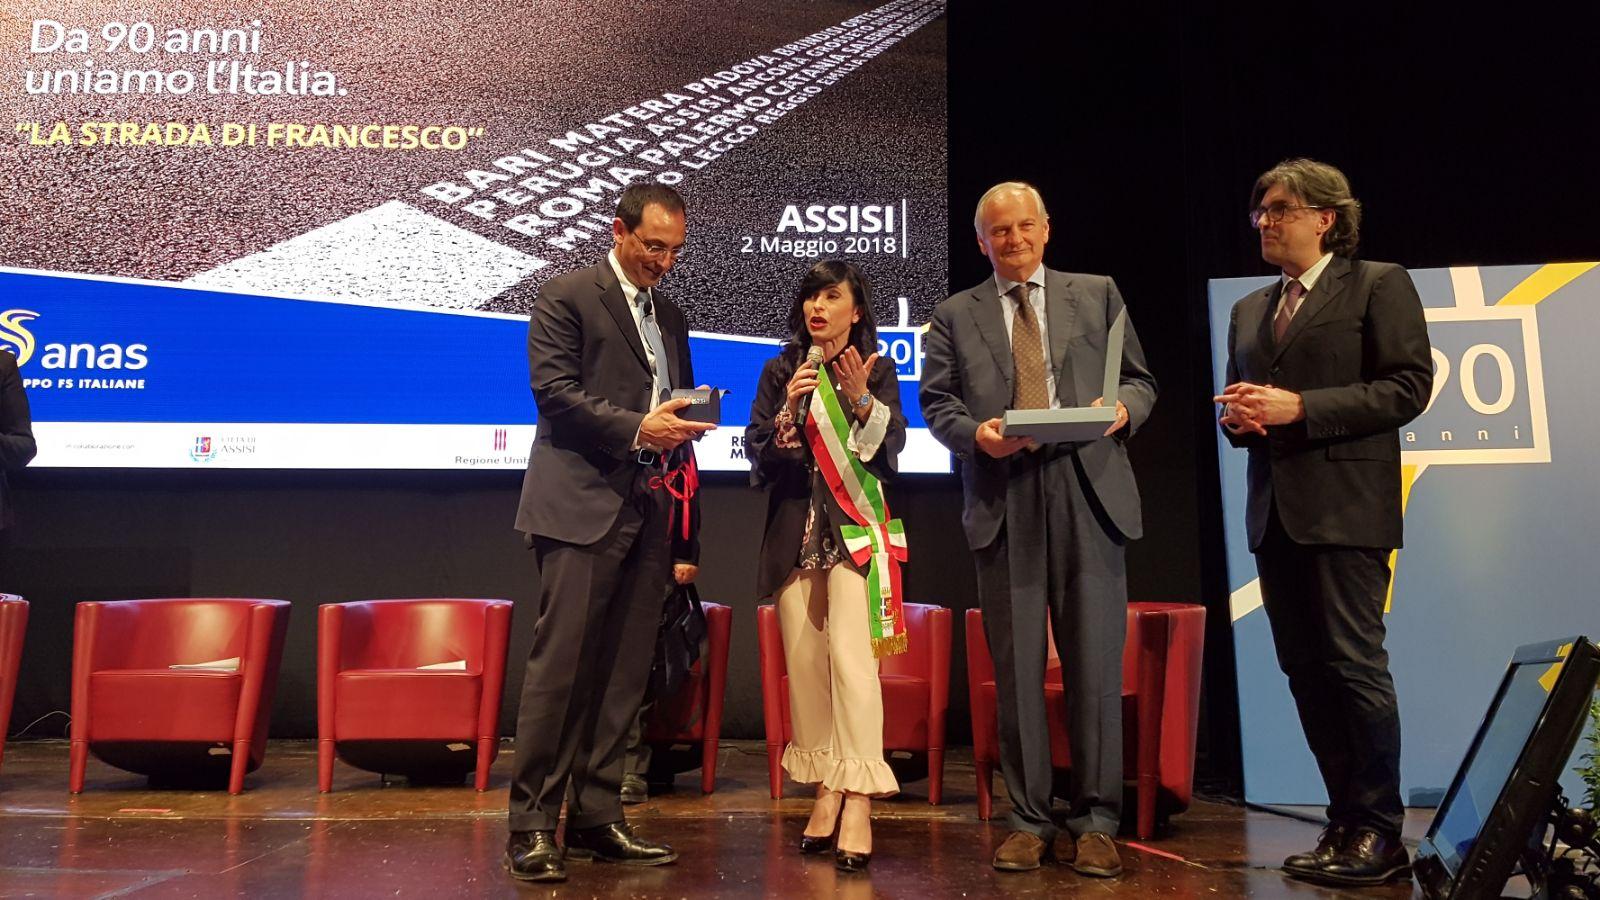 Convegno Assisi Strada di Francesco - Ennio Cascetta e Gianni Vittorio Armani con il Sindaco Stefania Proietti